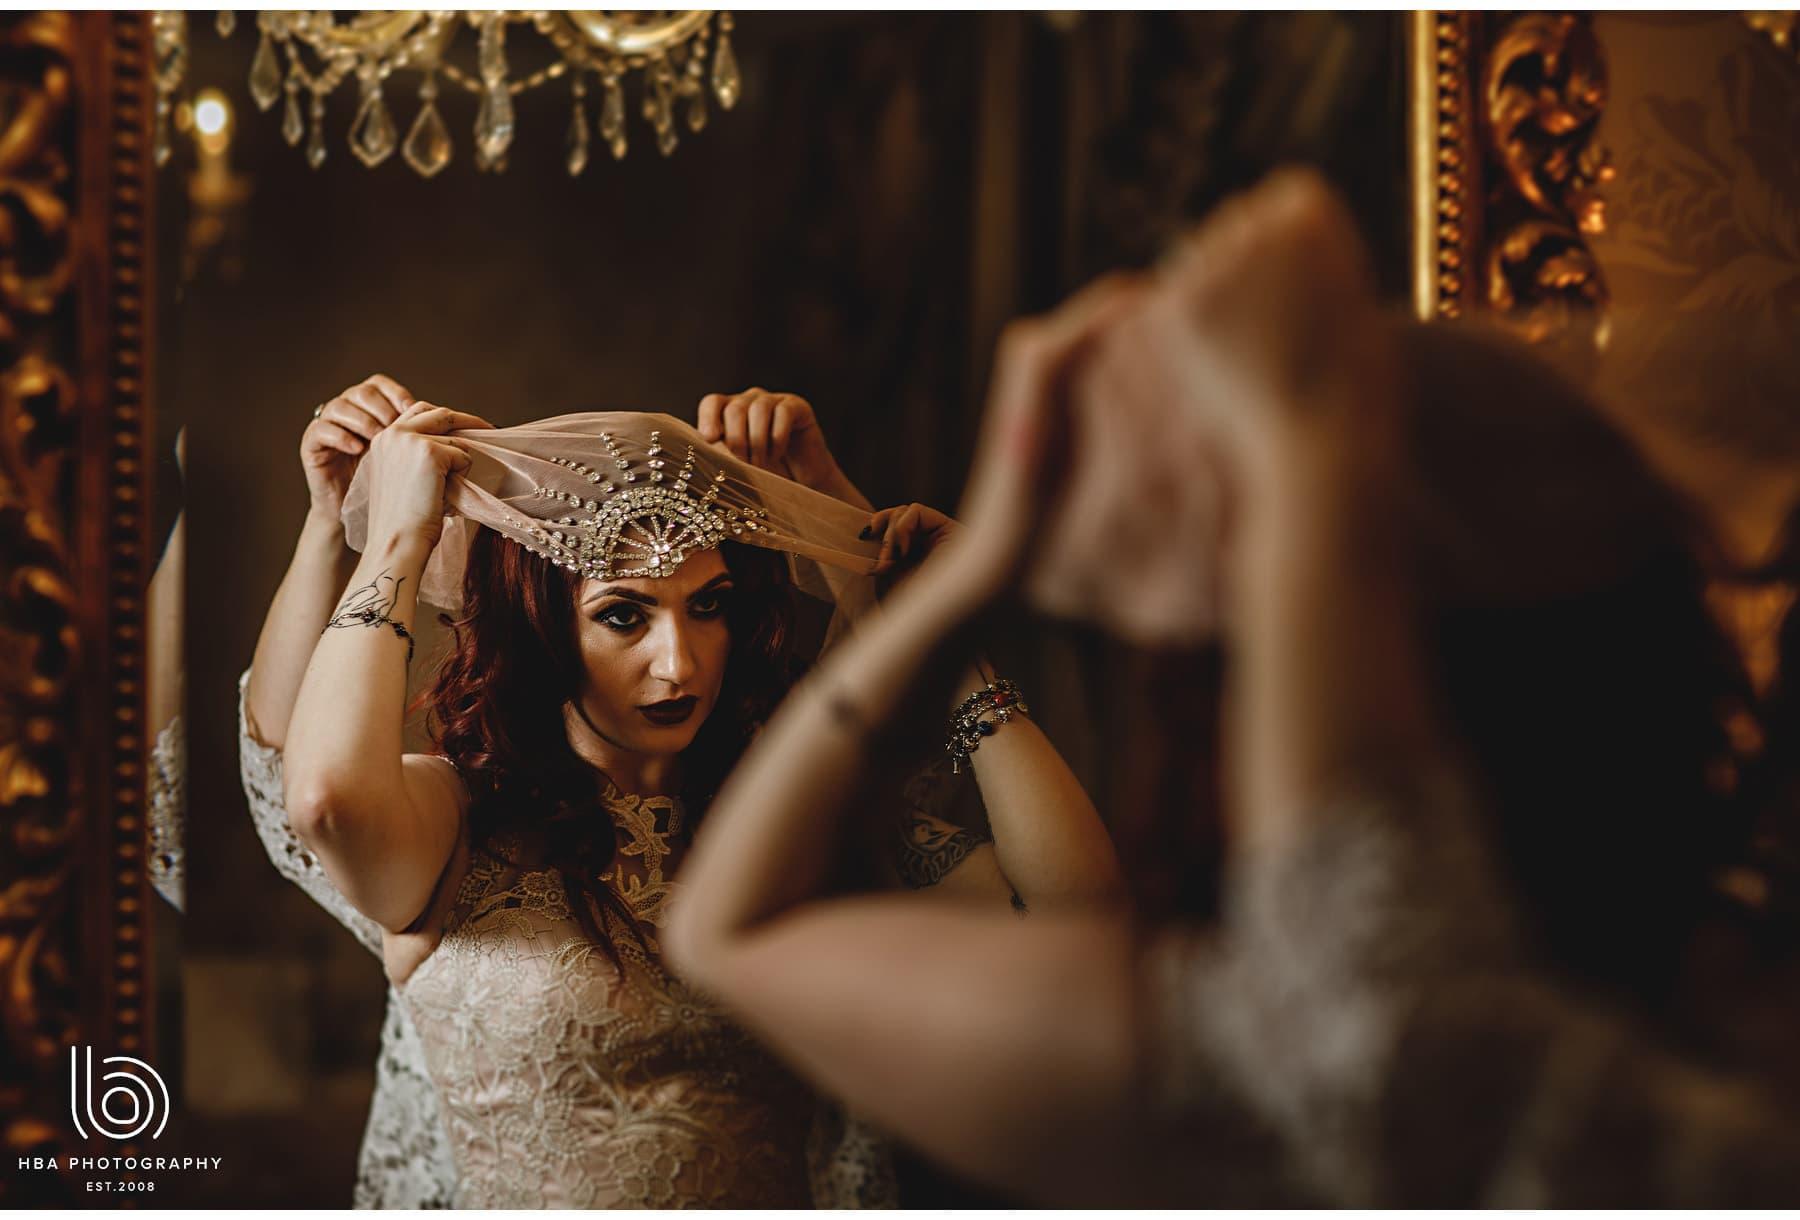 the bride's diamonte turban